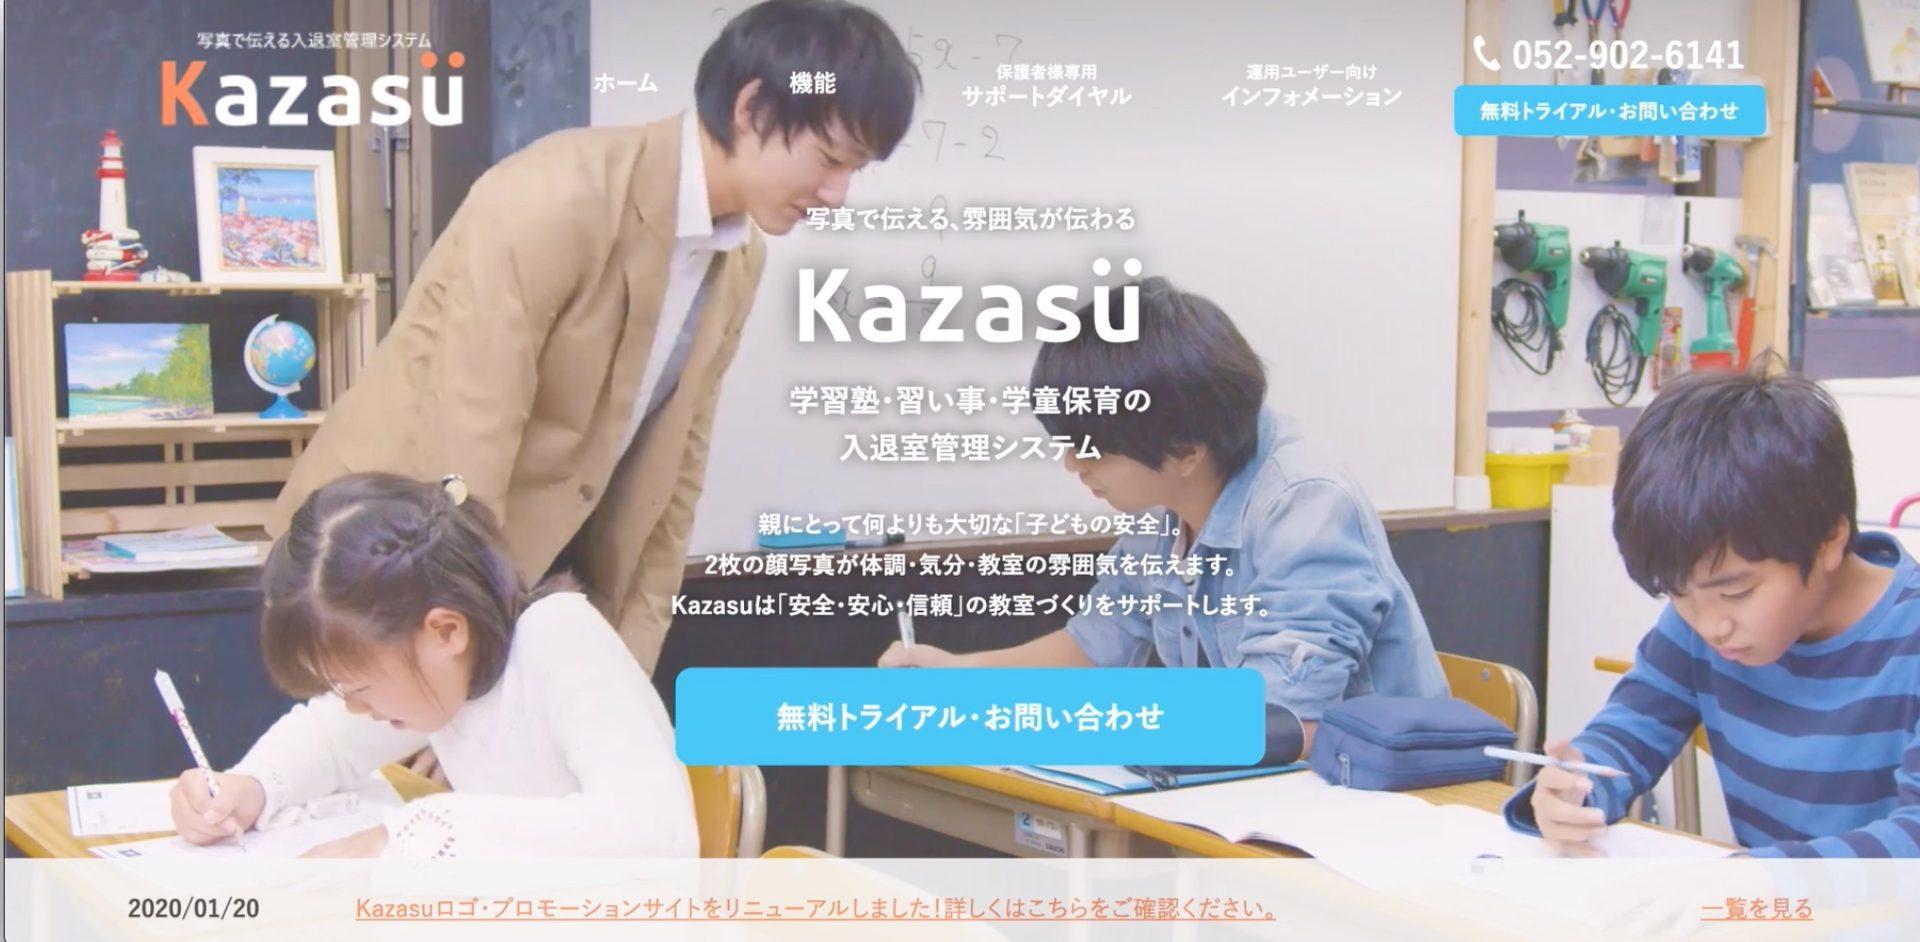 株式会社 学書 Kazasu プロモーションサイト 映像&写真